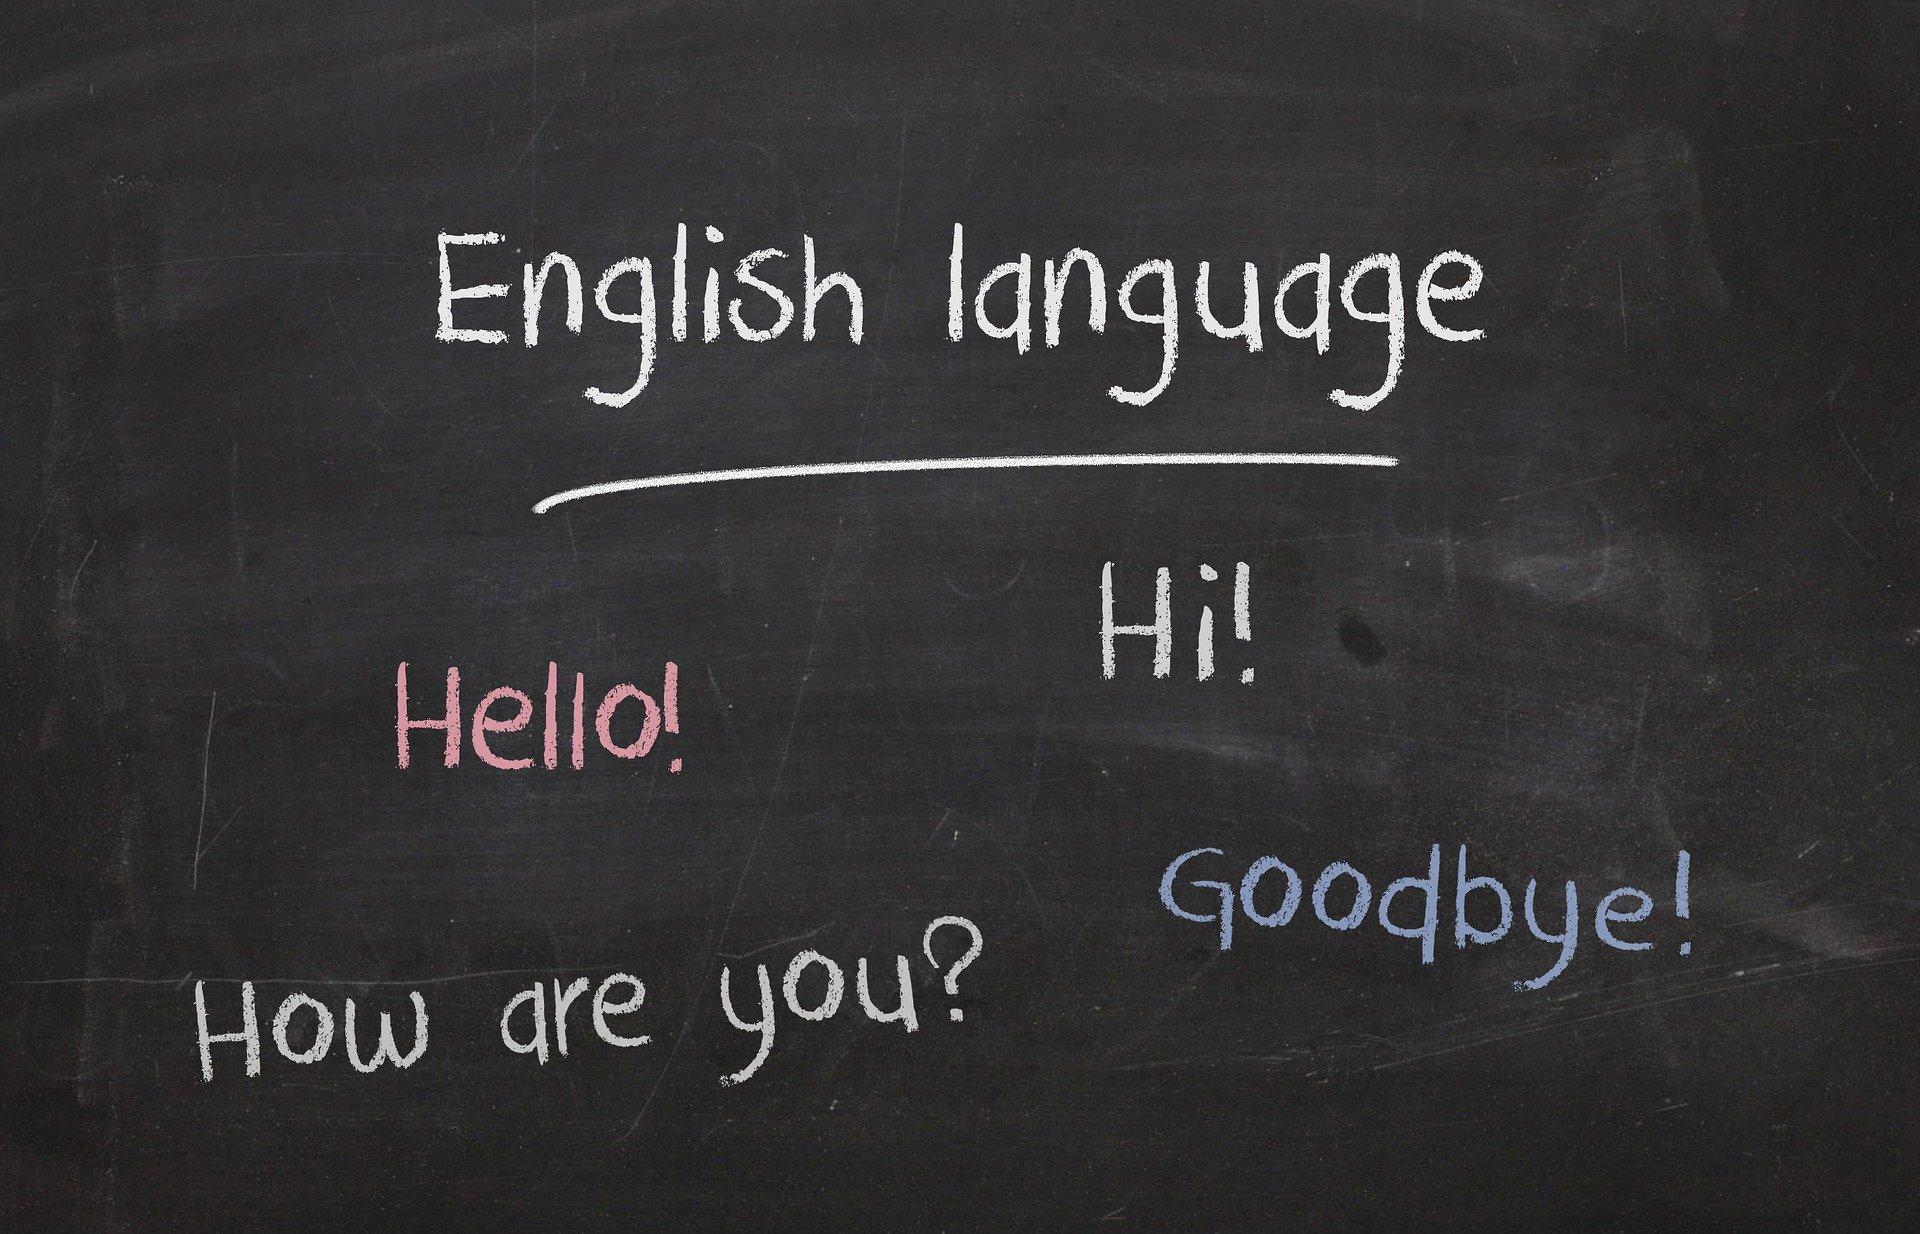 趣味が英会話